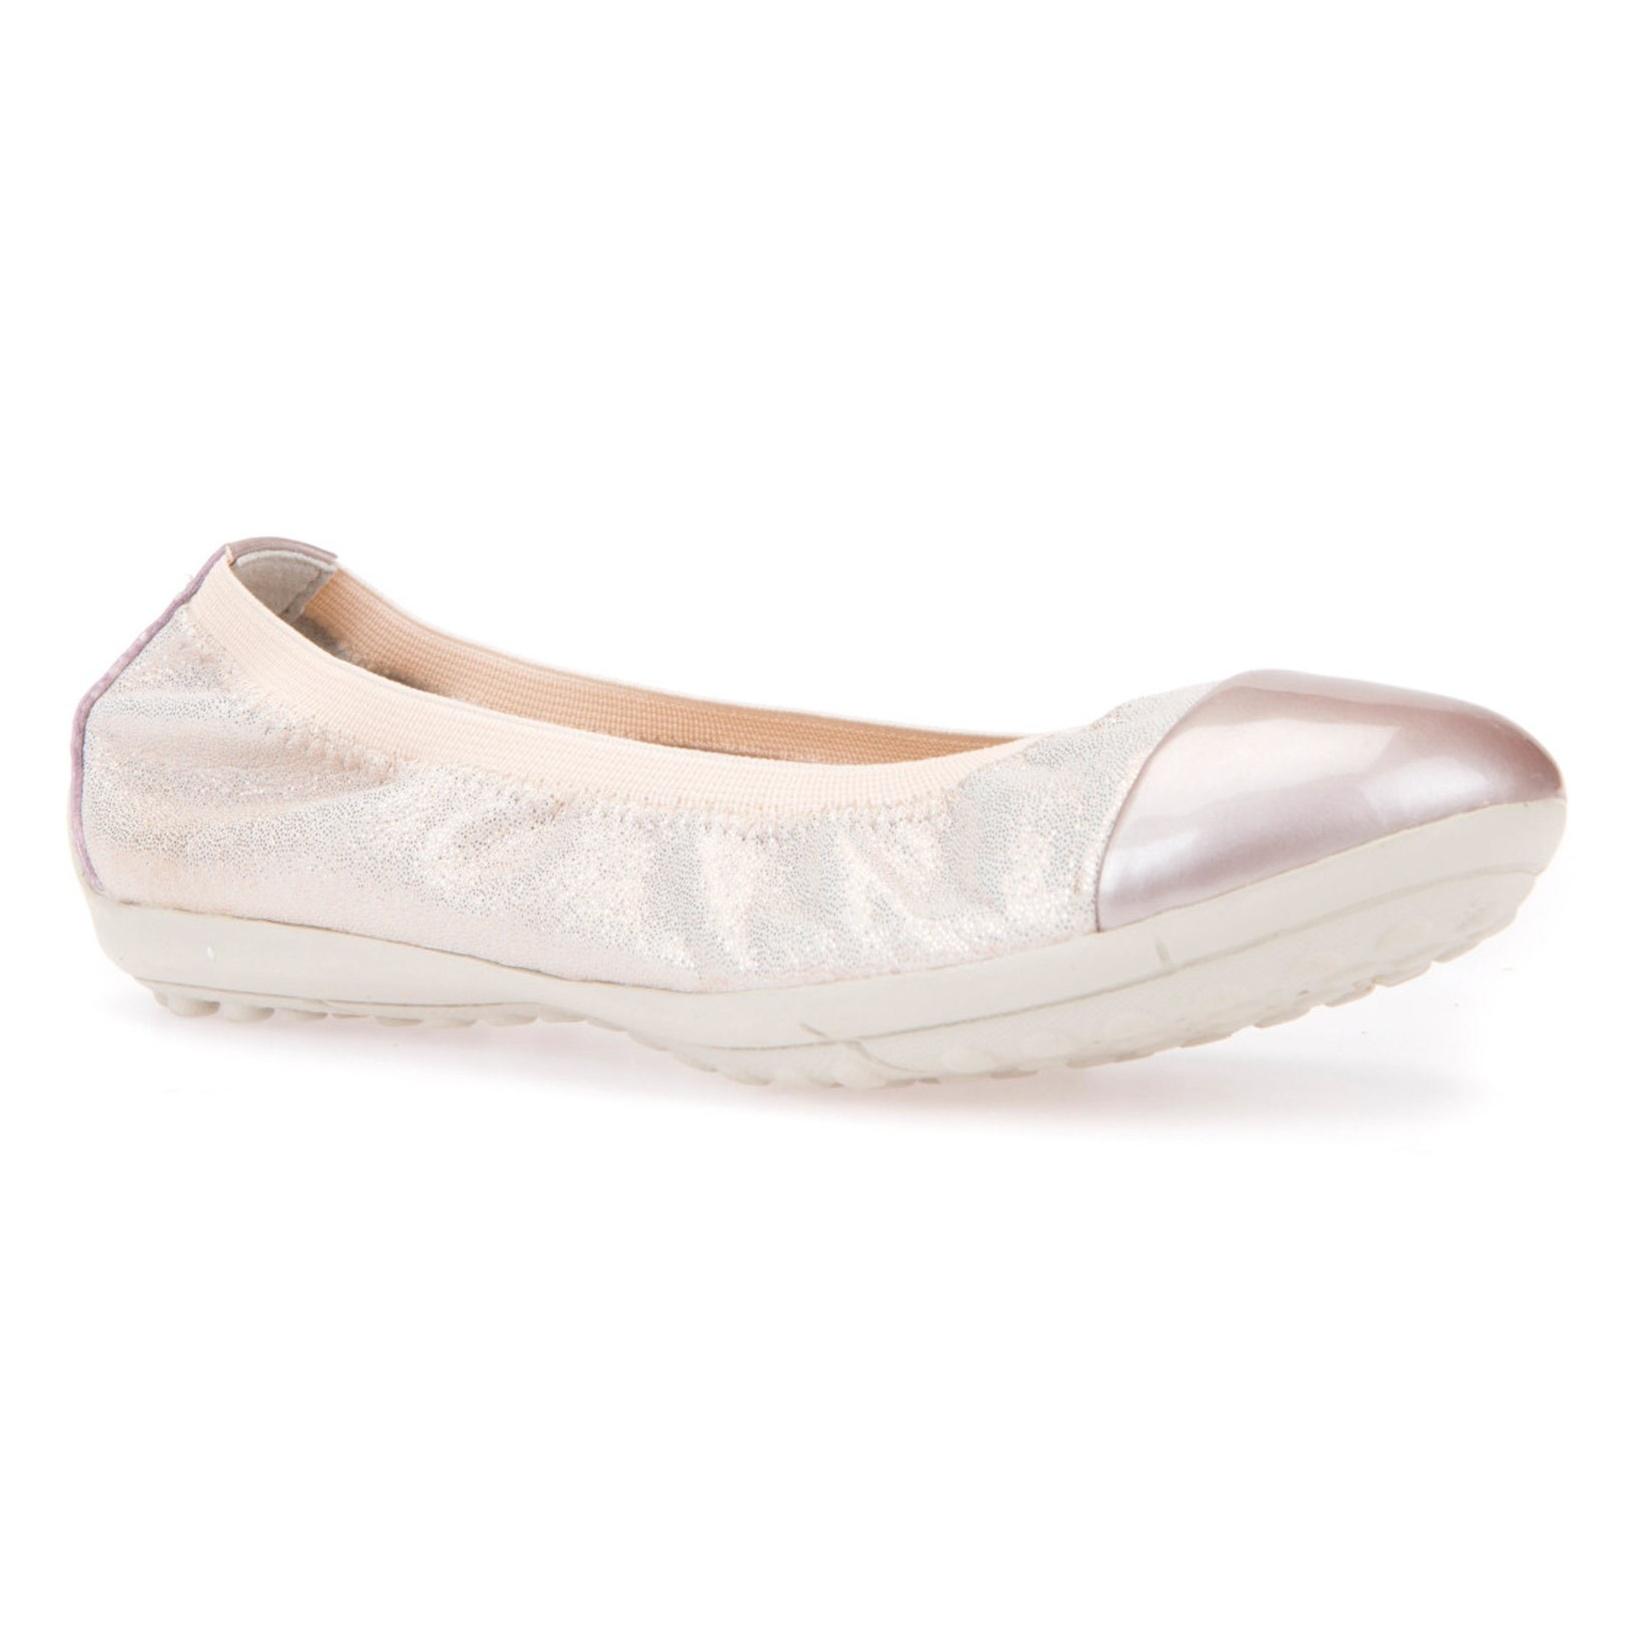 کفش تخت چرم دخترانه JR PIUMA - جی اوکس - صورتي روسن - 4